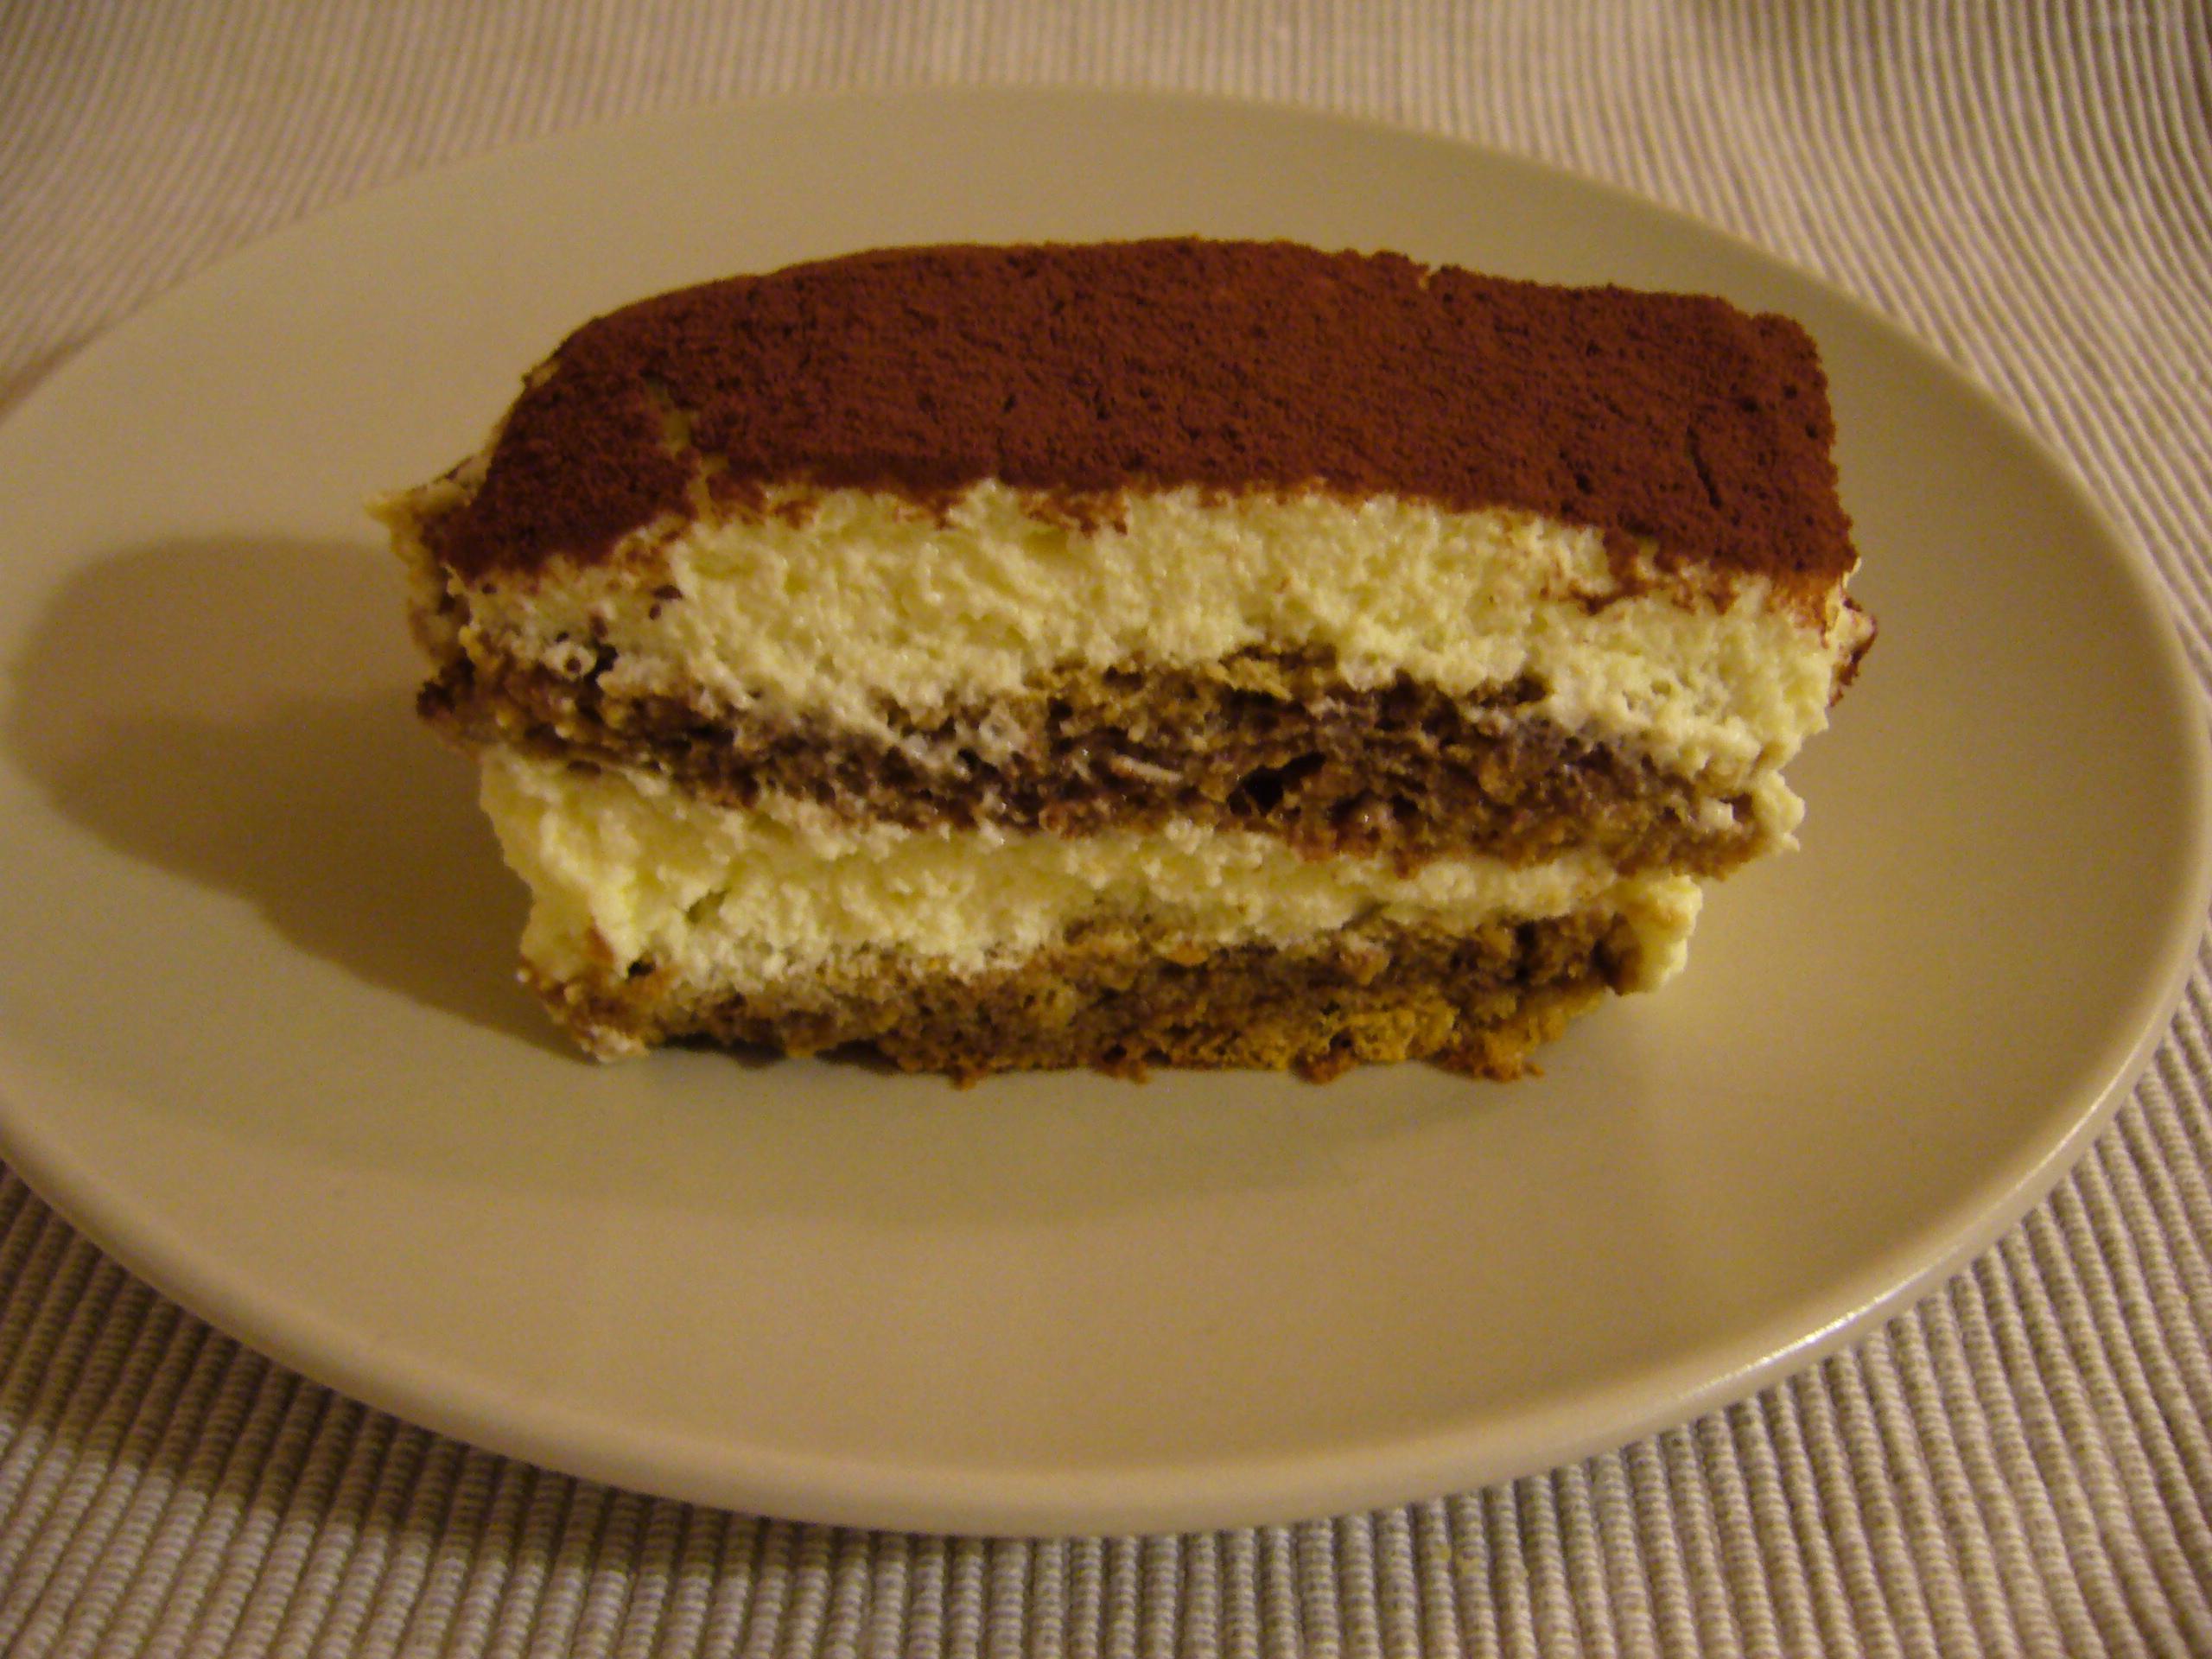 Comment Remplacer Un Oeuf Dans Un Cake